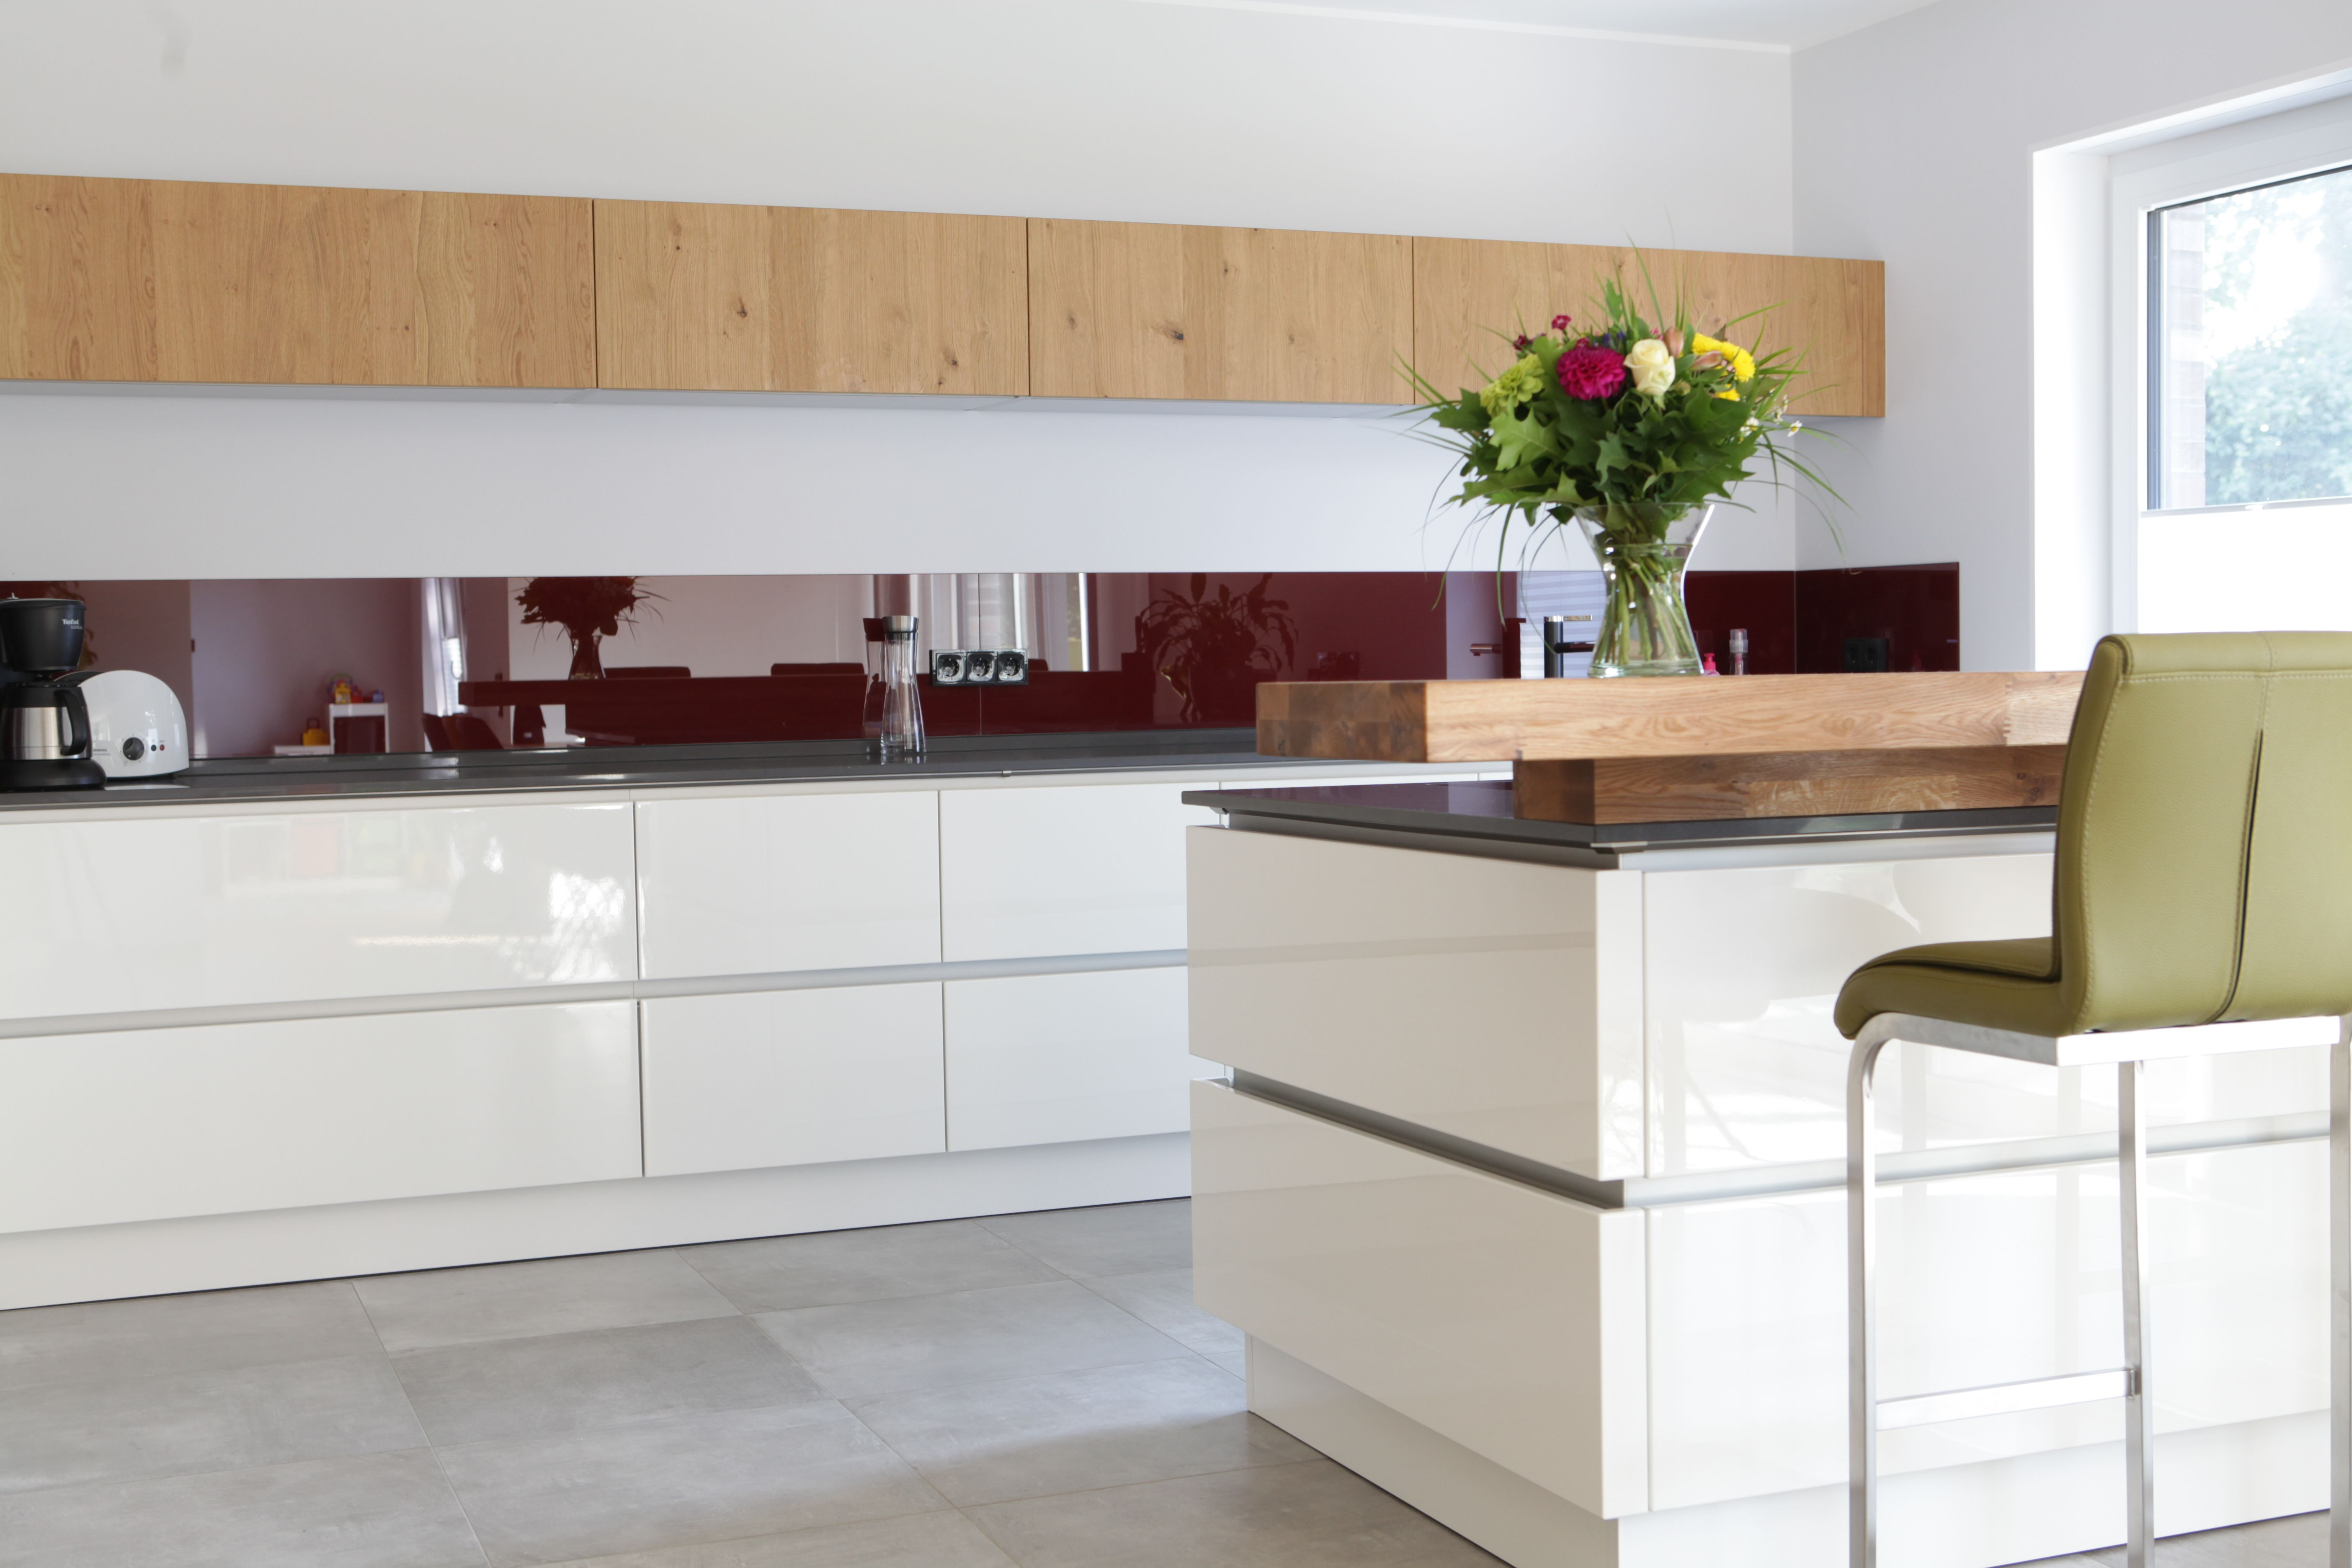 Diese #küche überzeugt durch modernes Design. Weiße Hochglanzfronten ...